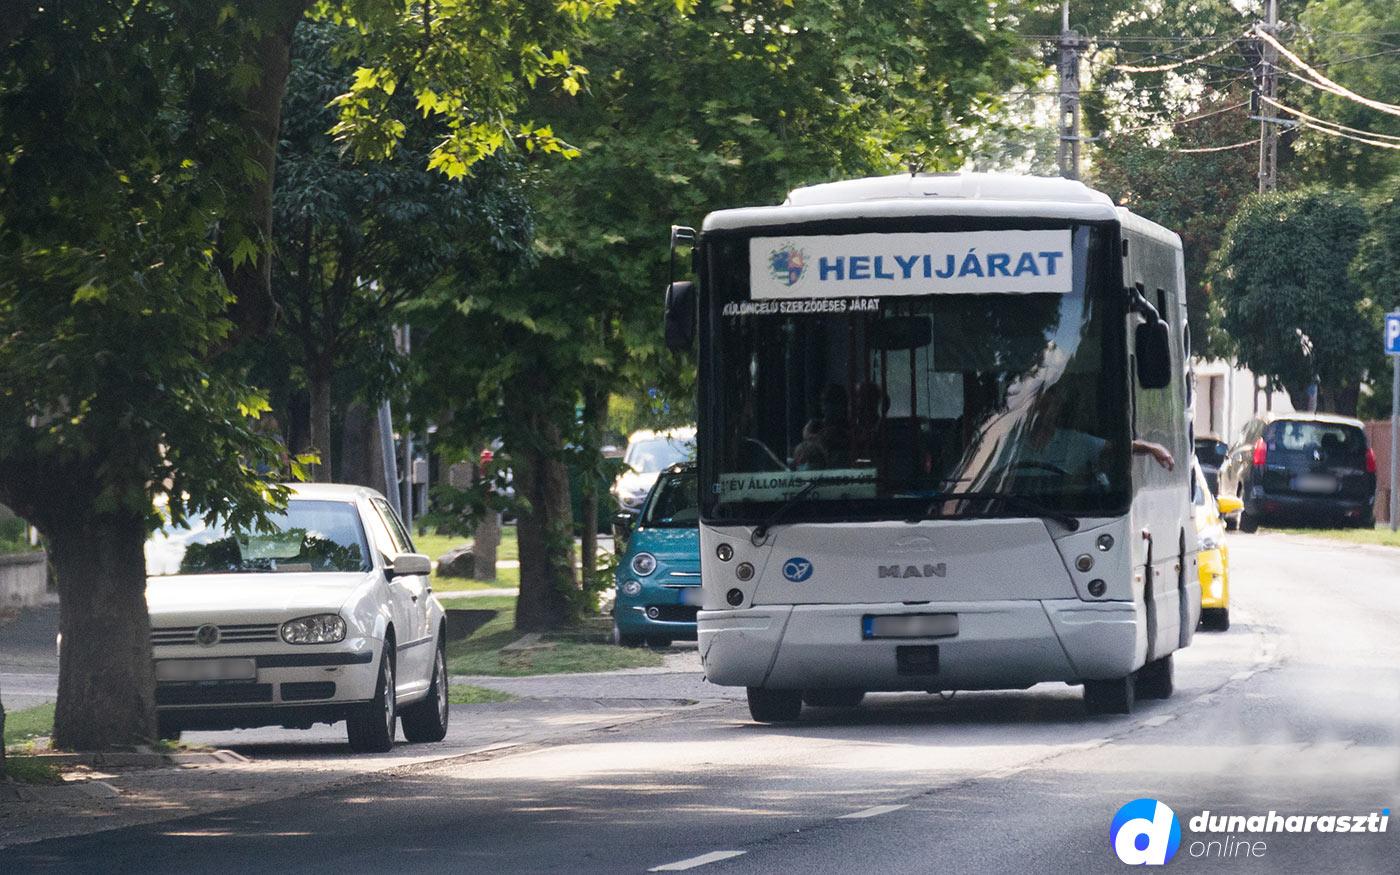 Dunaharaszti buszjáratain is kötelező a maszkviselés